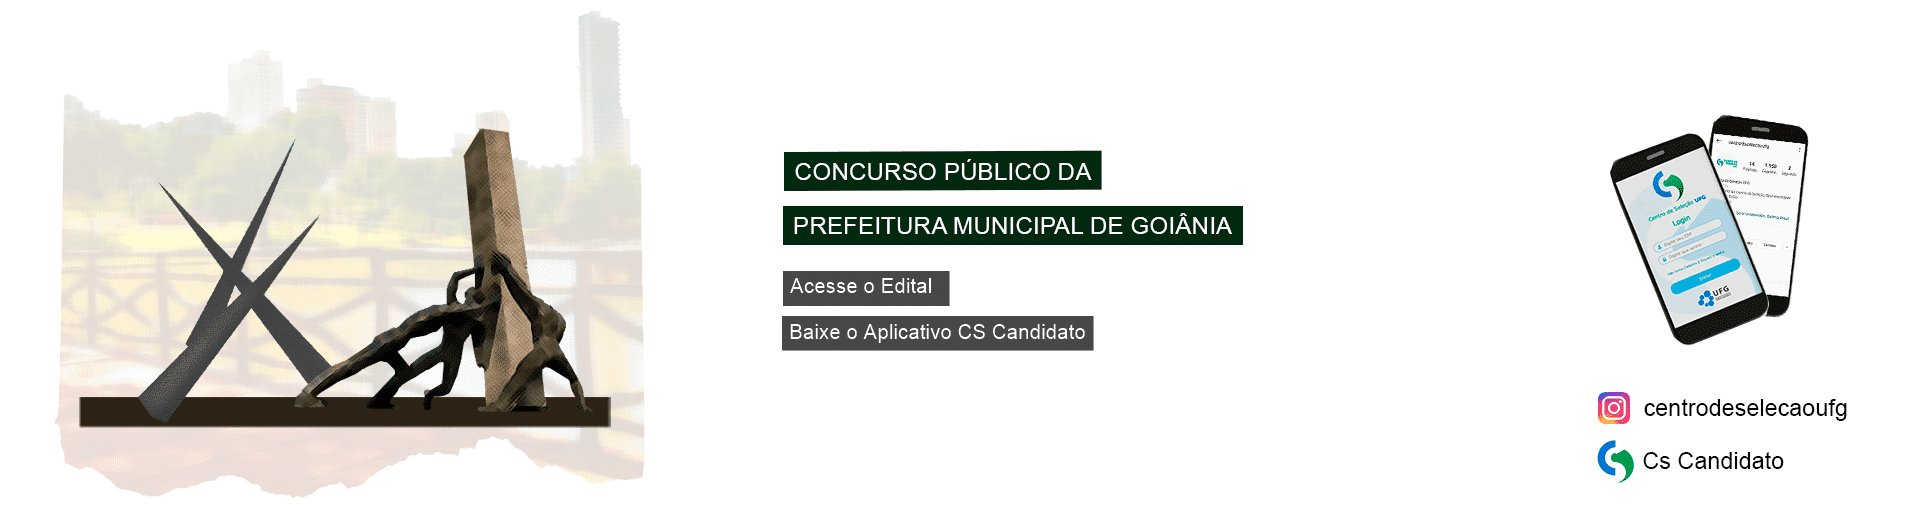 banner_inicio_prefeitura